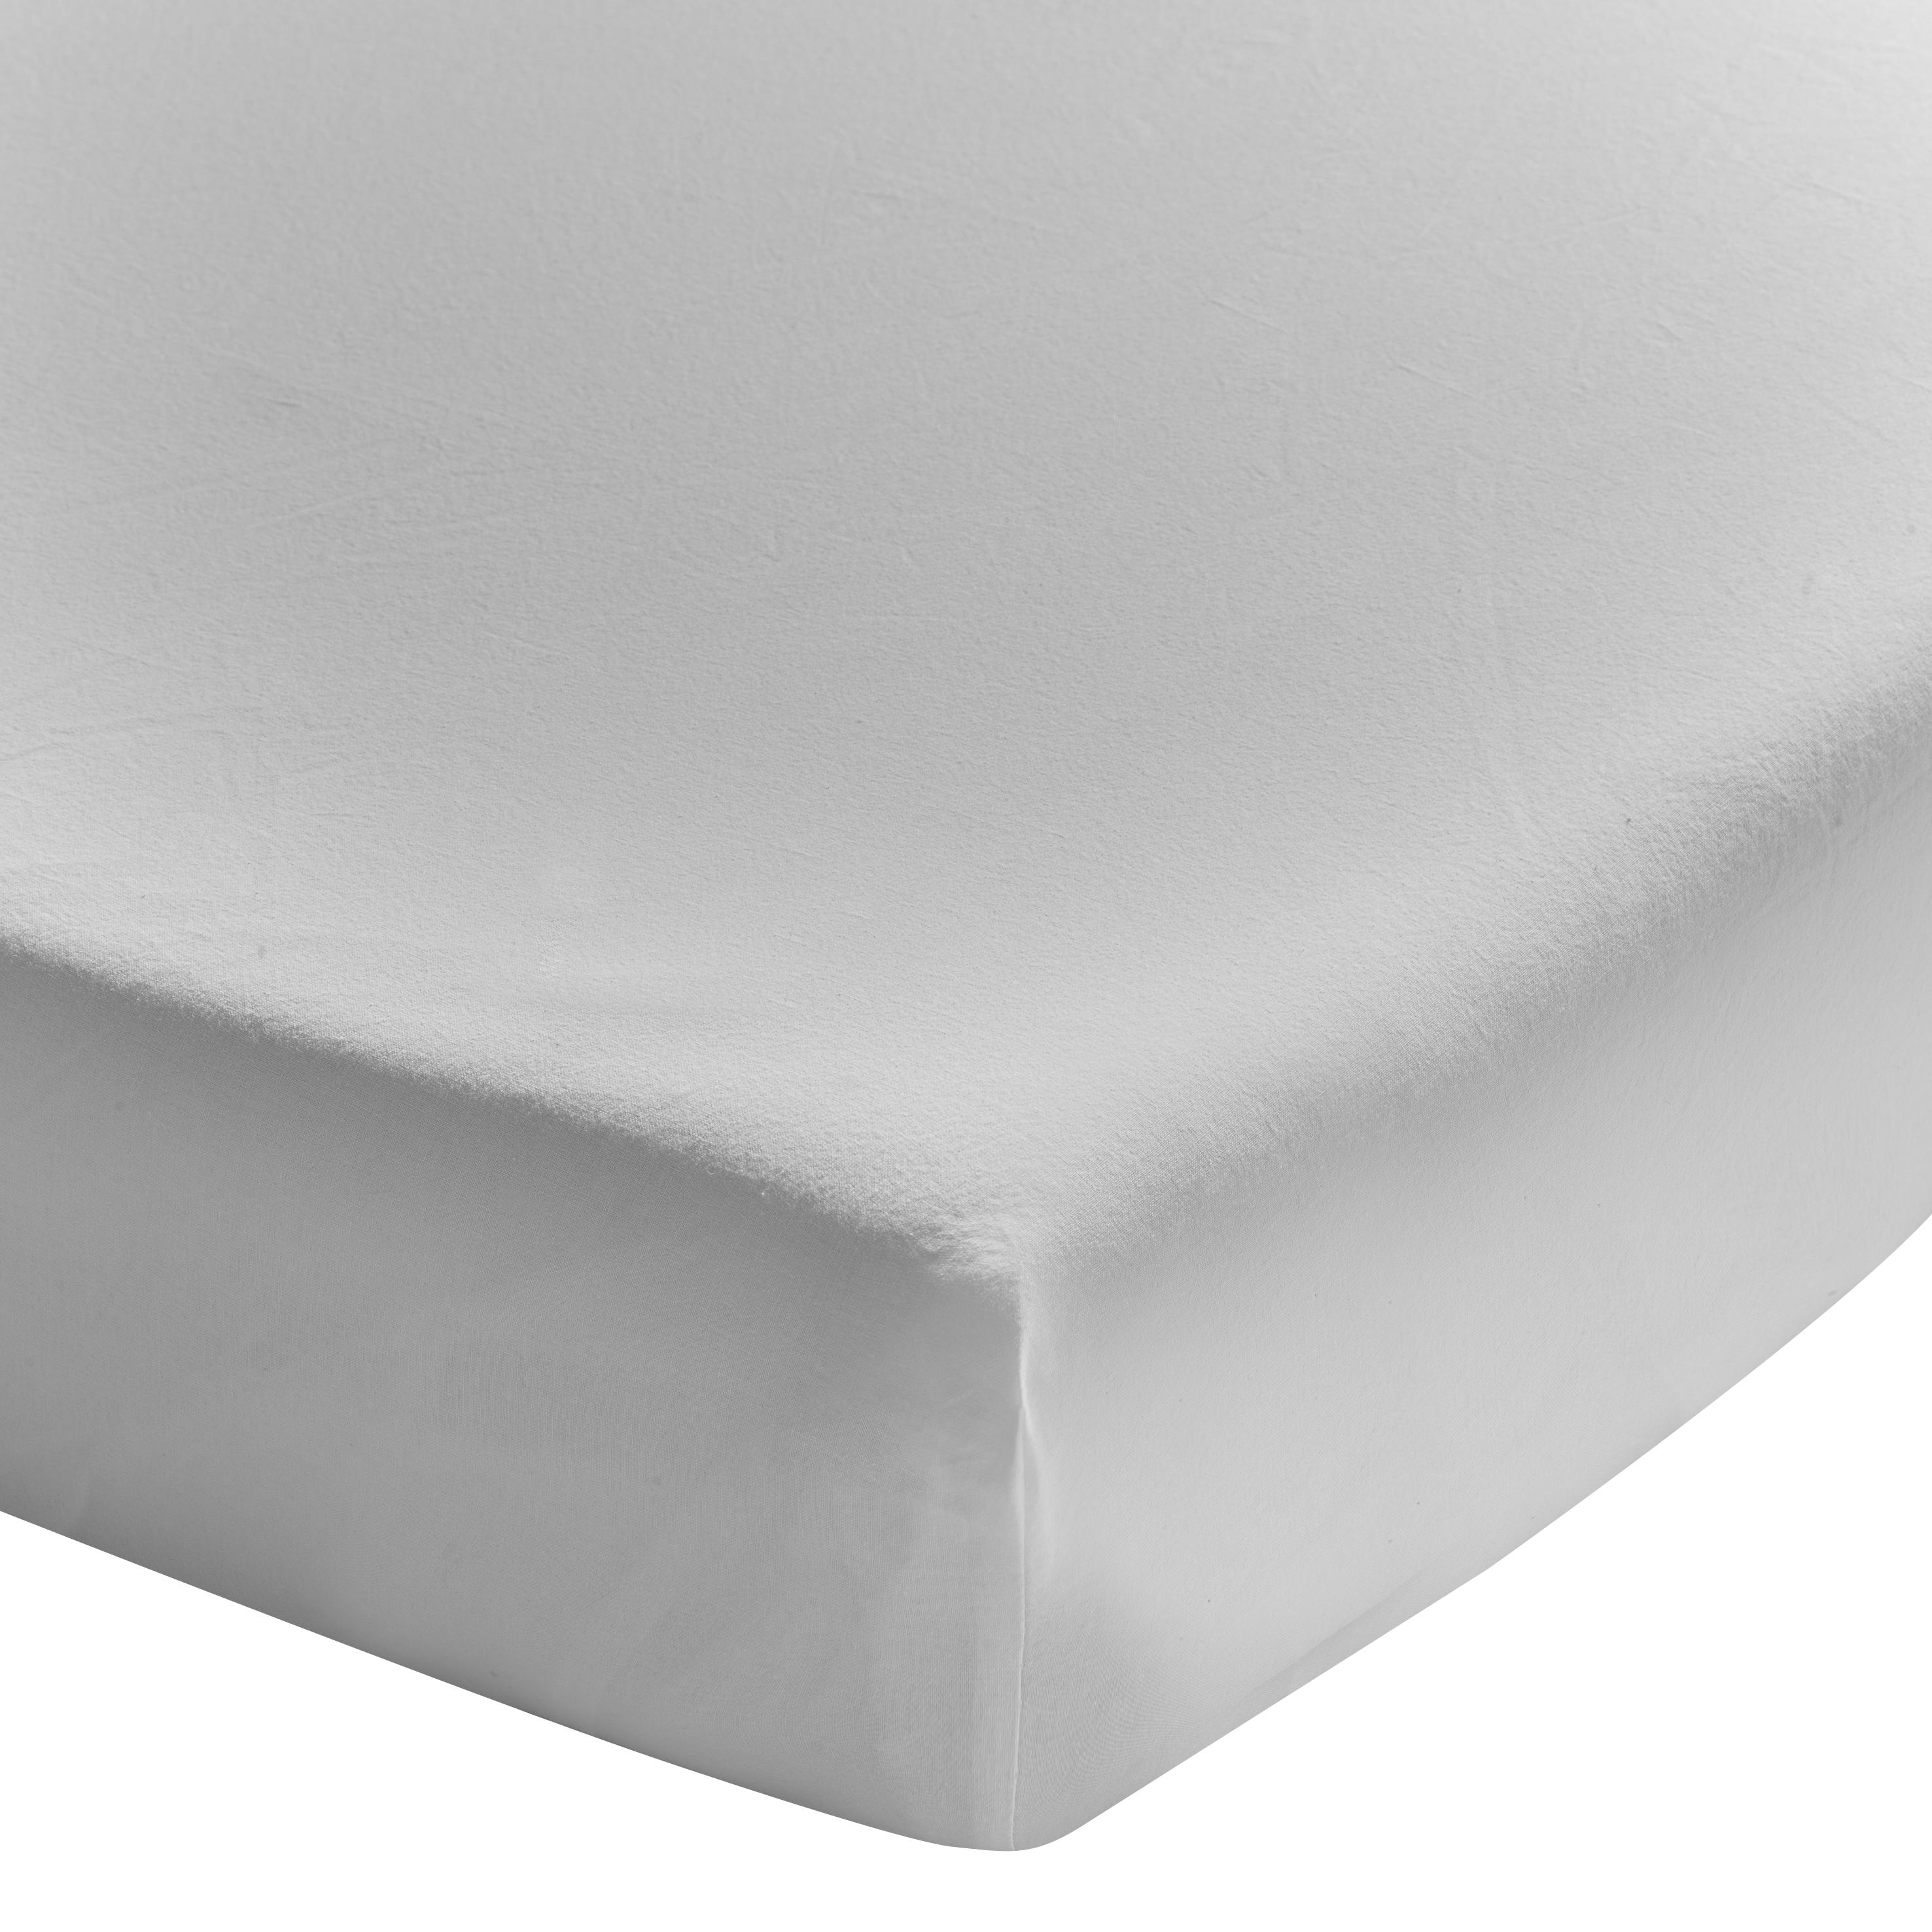 Drap housse uni en coton lavé gris Mastic 140x190